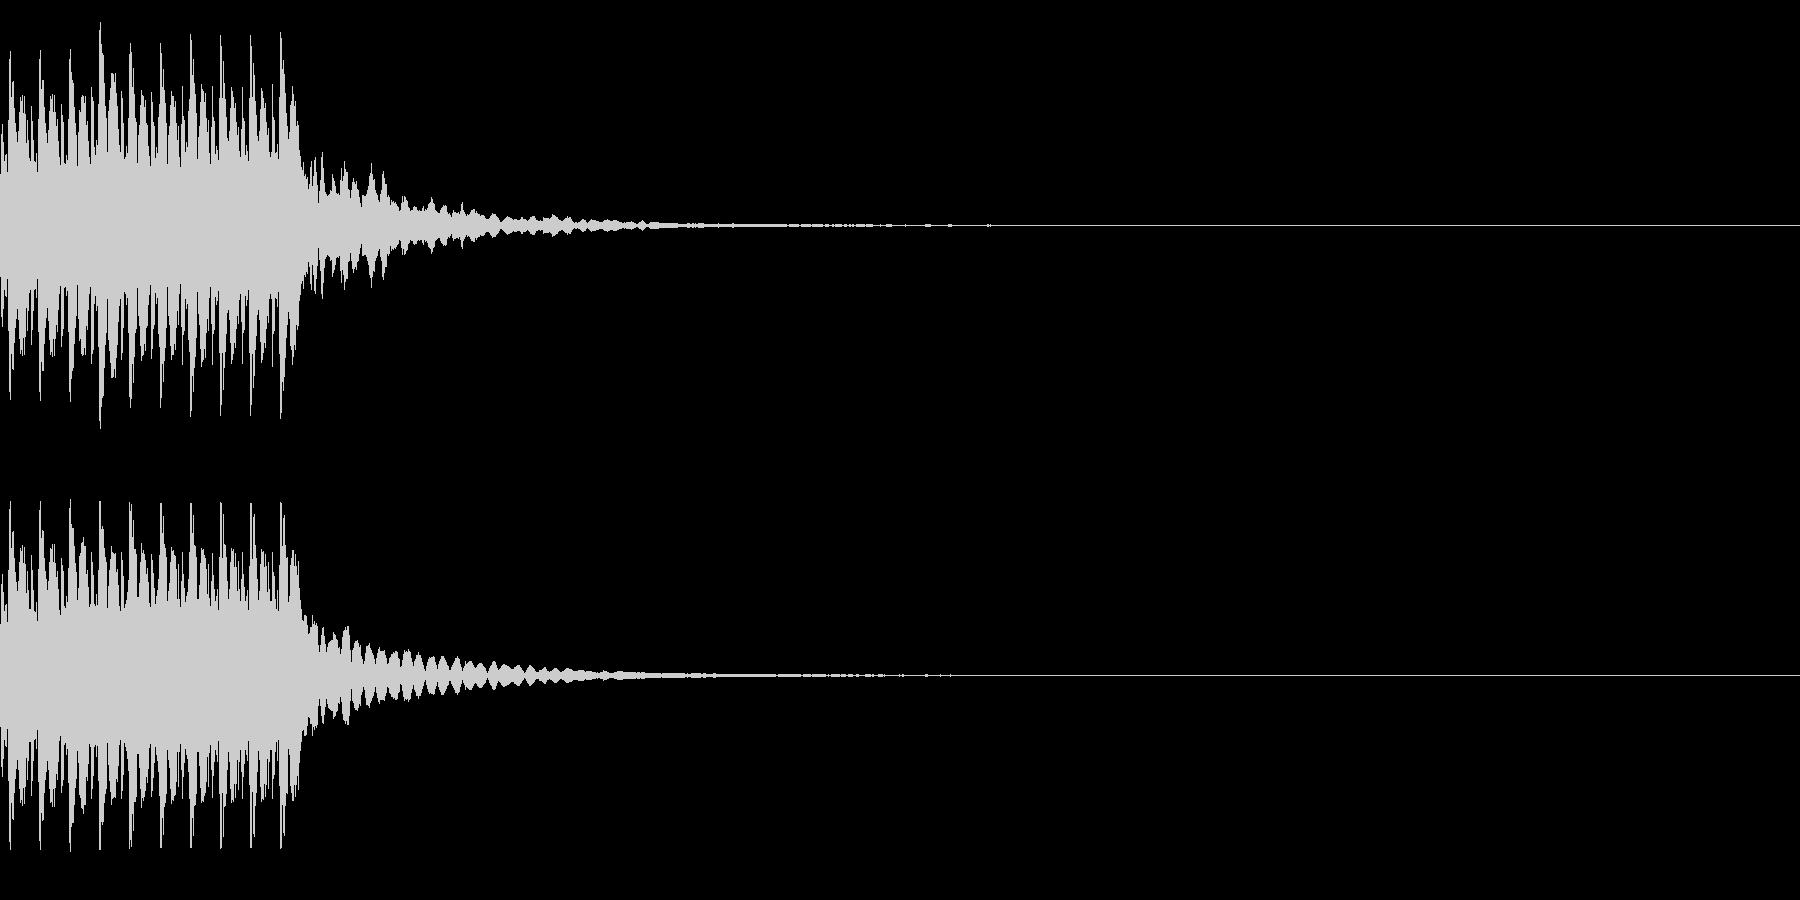 コイン10枚獲得 ゲット チャリンの未再生の波形